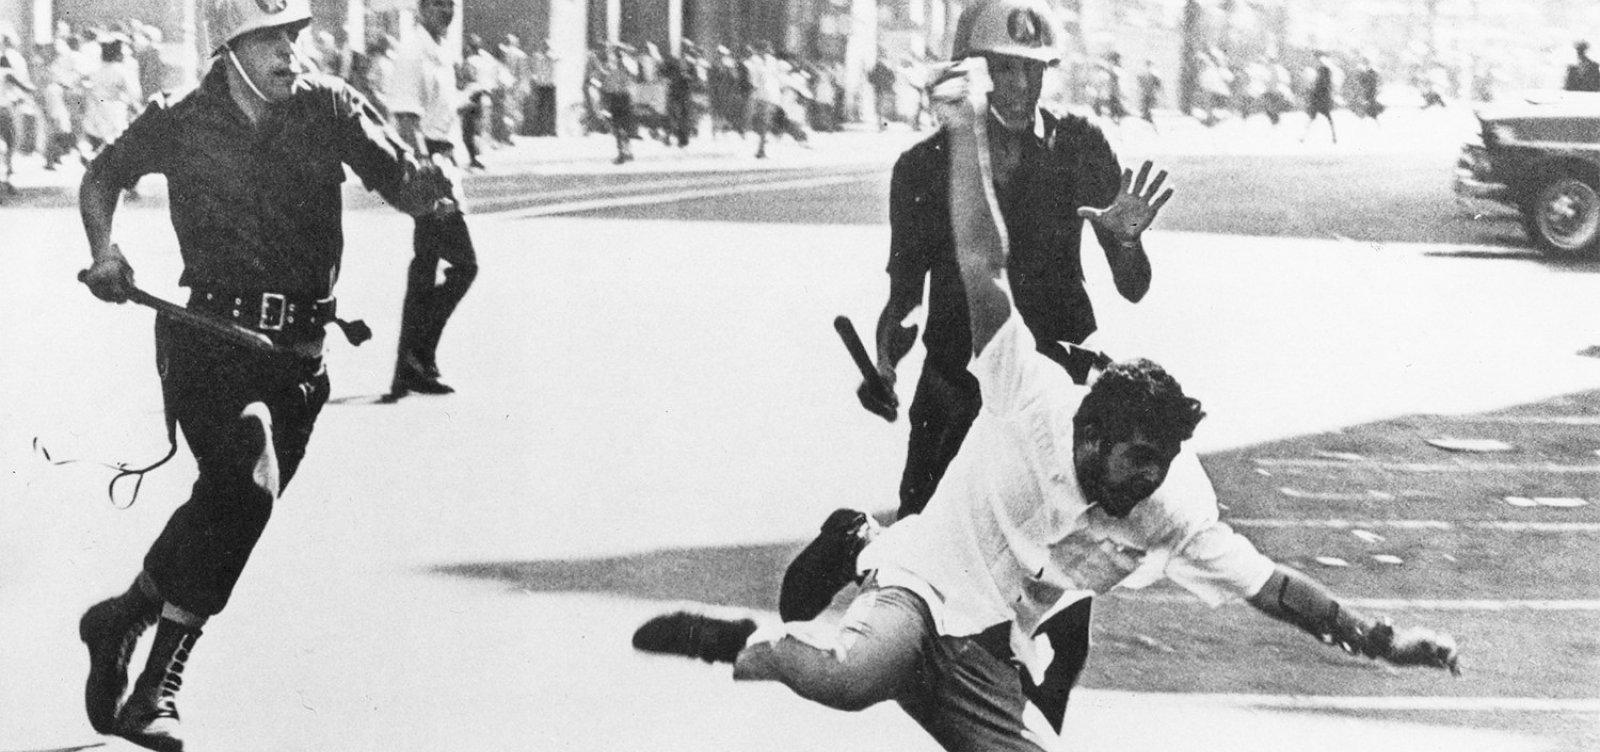 Brasil diz à ONU que não houve golpe em 1964 e que ditadura afastou 'ameaça comunista'